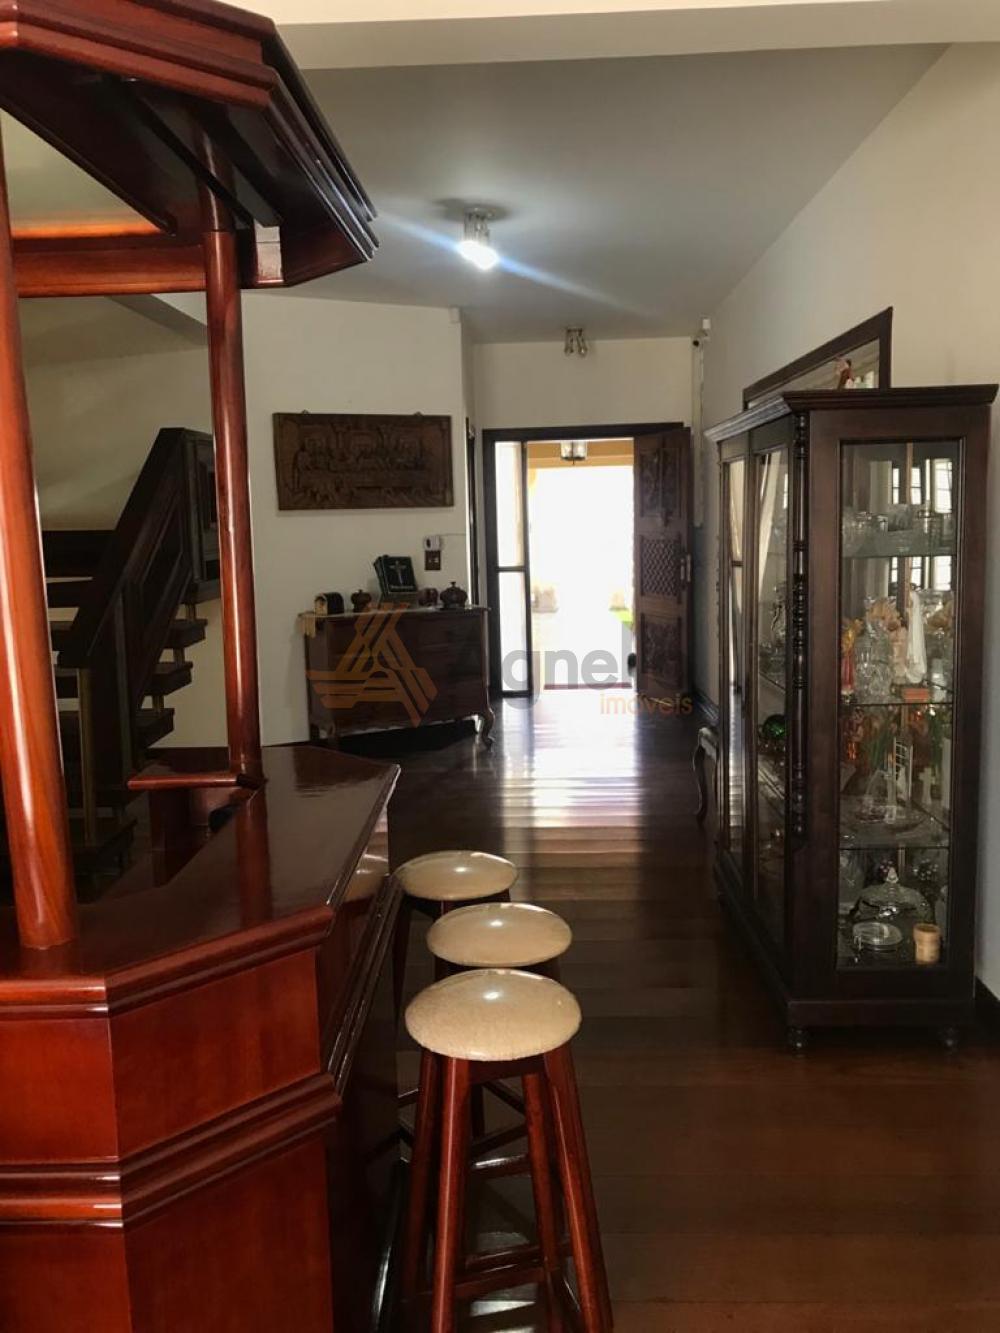 Comprar Casa / Padrão em Franca apenas R$ 1.400.000,00 - Foto 3